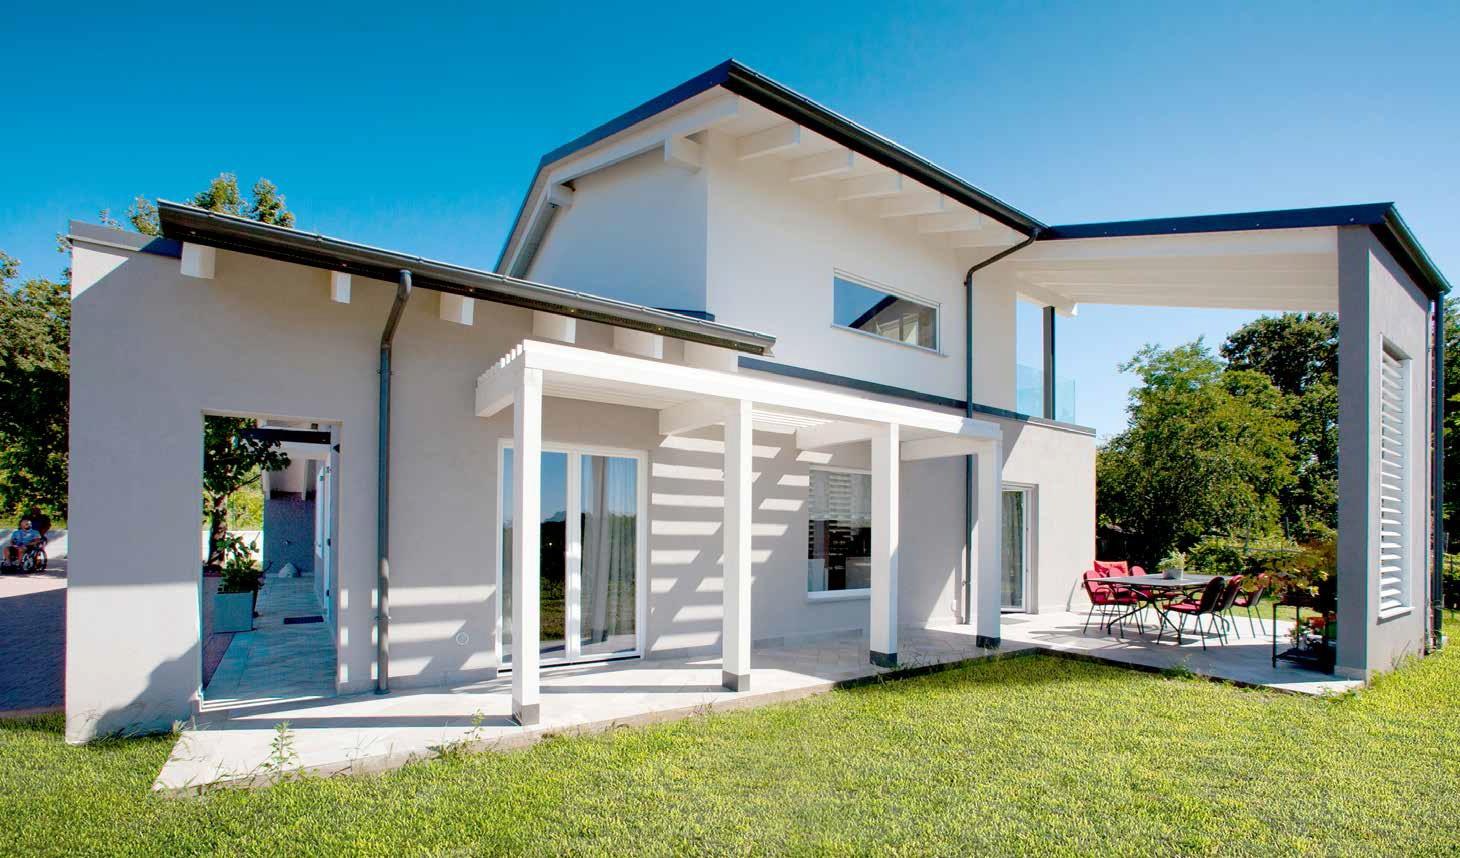 Casa in mezzo alla natura e senza barriere casa naturale - Casa autosufficiente ecologica ...